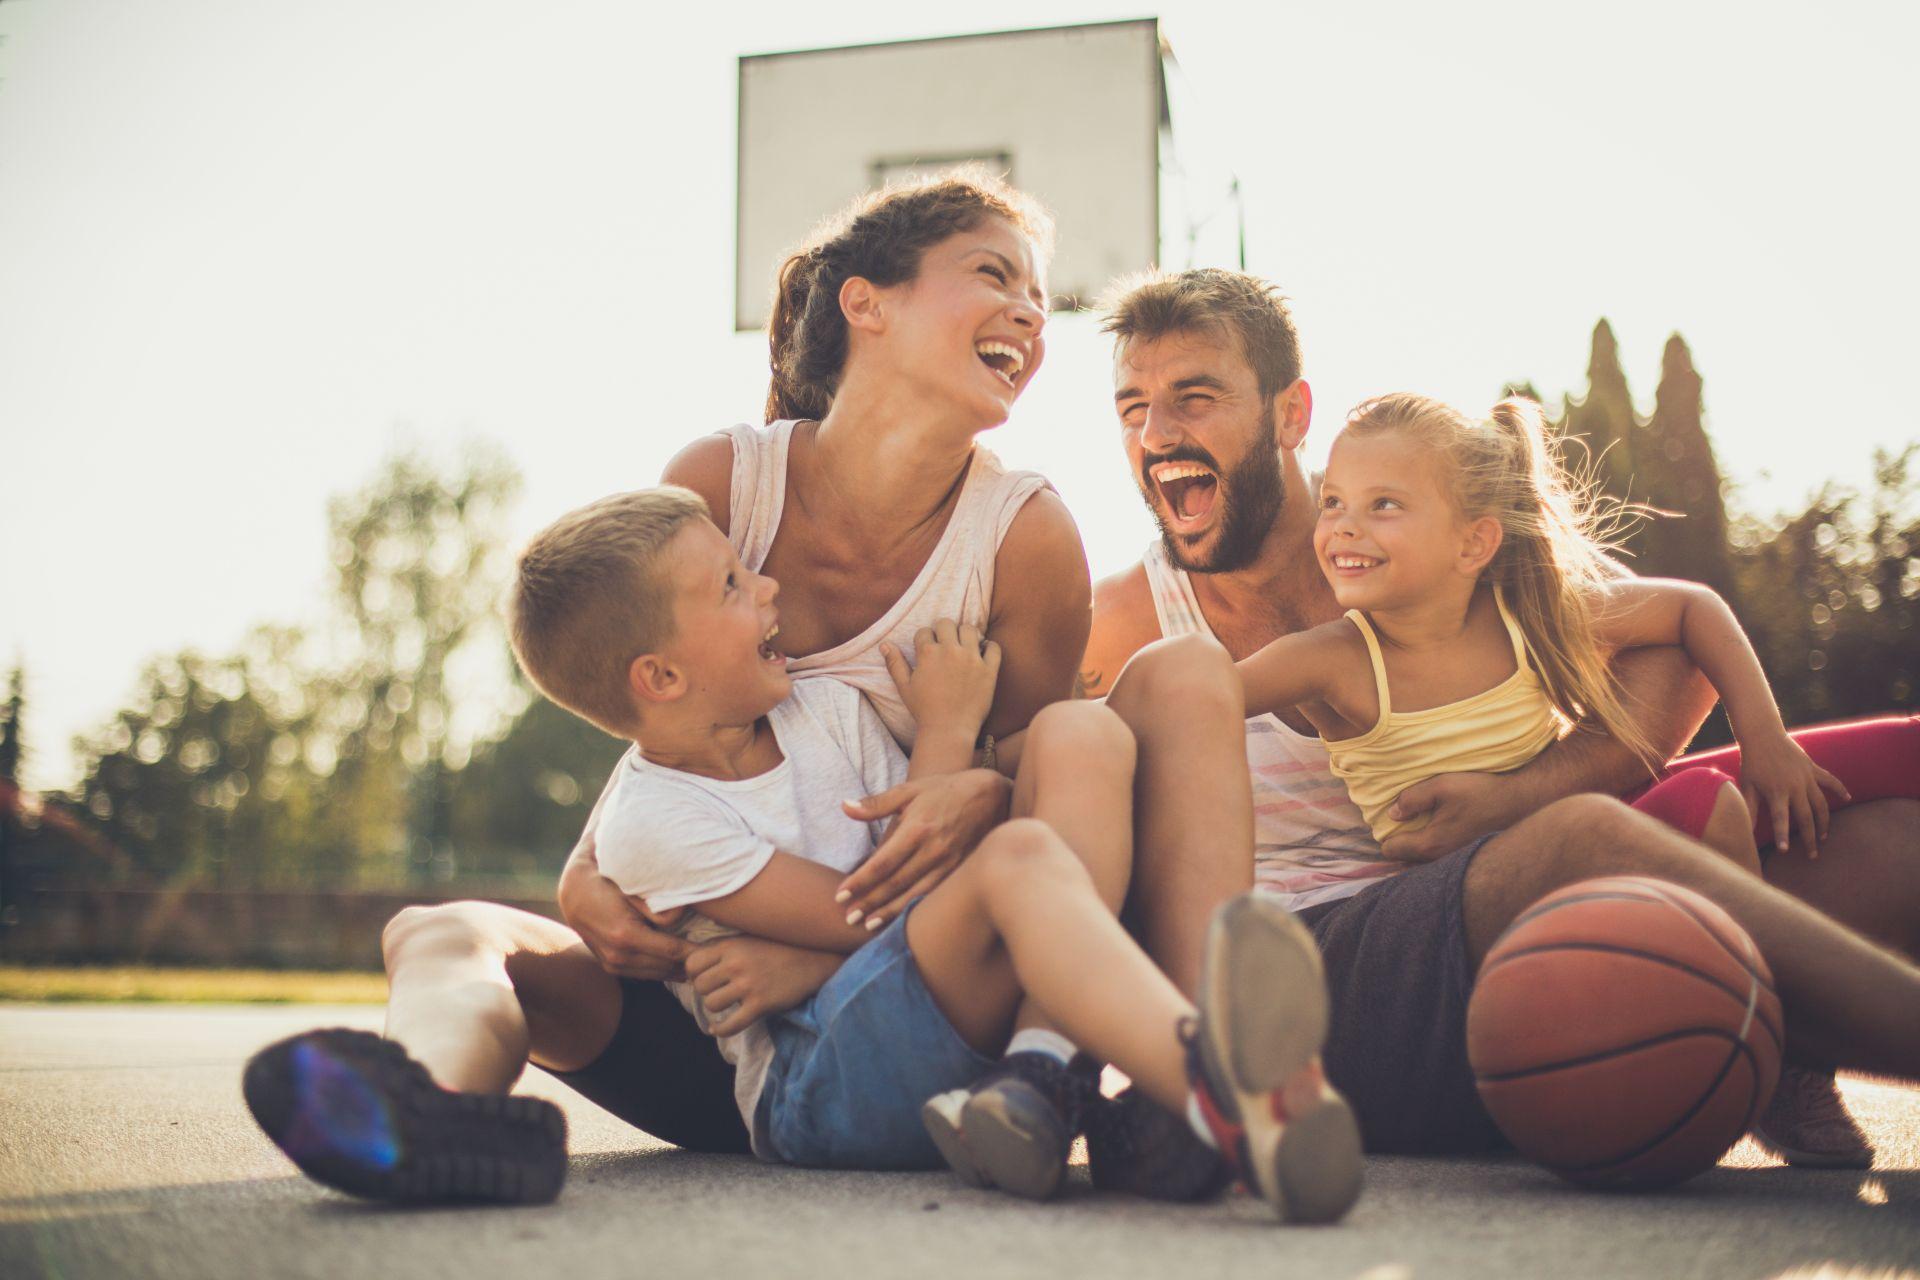 Zdrowe nawyki wdrażaj wspólnie z całą rodziną - dieta dla dzieci i rodzinna aktywność fizyczna to pierwszy krok w kierunku ochrony dziecka przed otyłością.